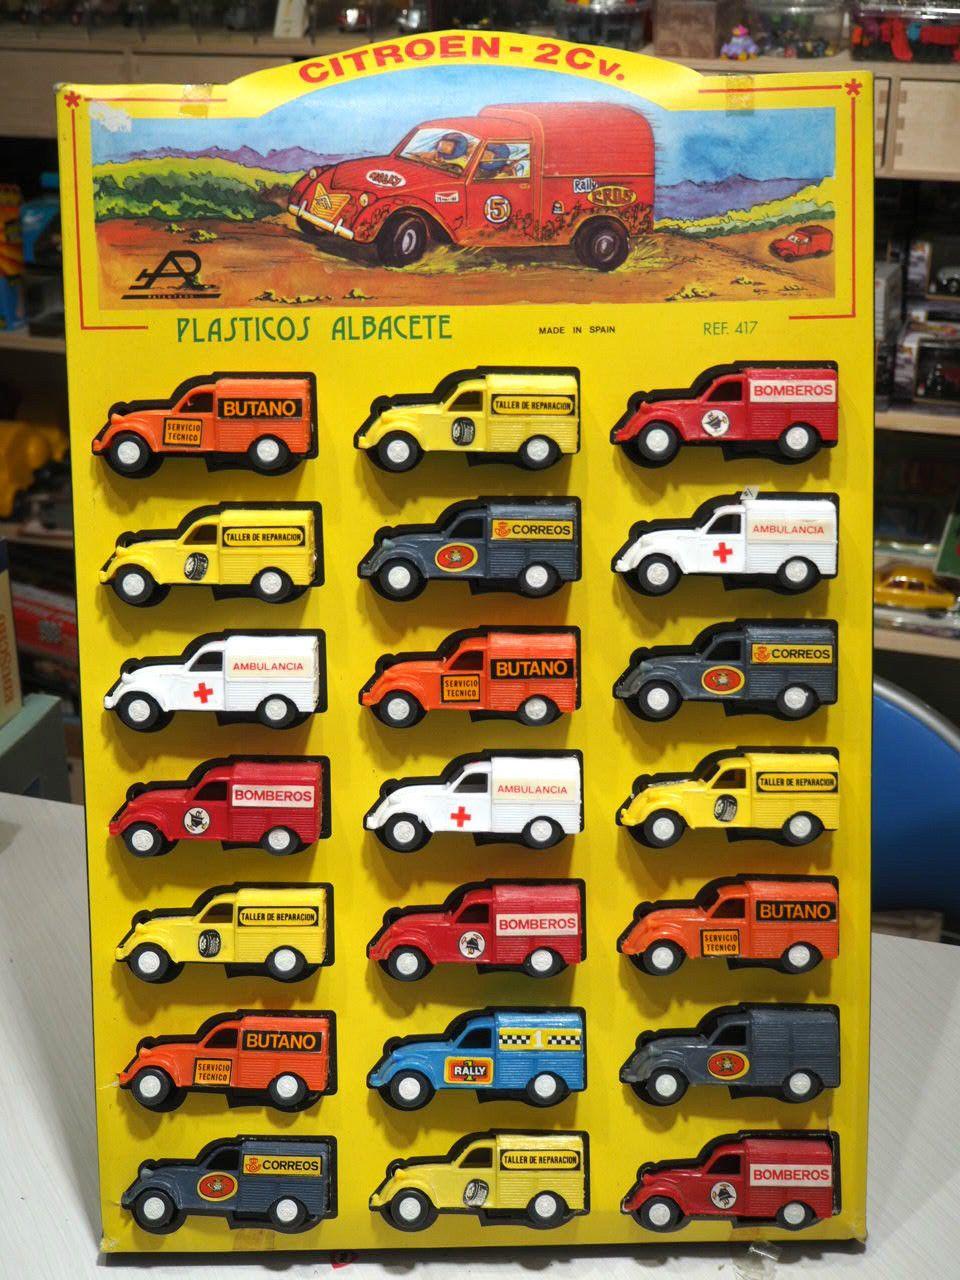 BazarPlage Plastiques 2cv Citroën Plastico AlbaceteJouets De 8wn0OPk